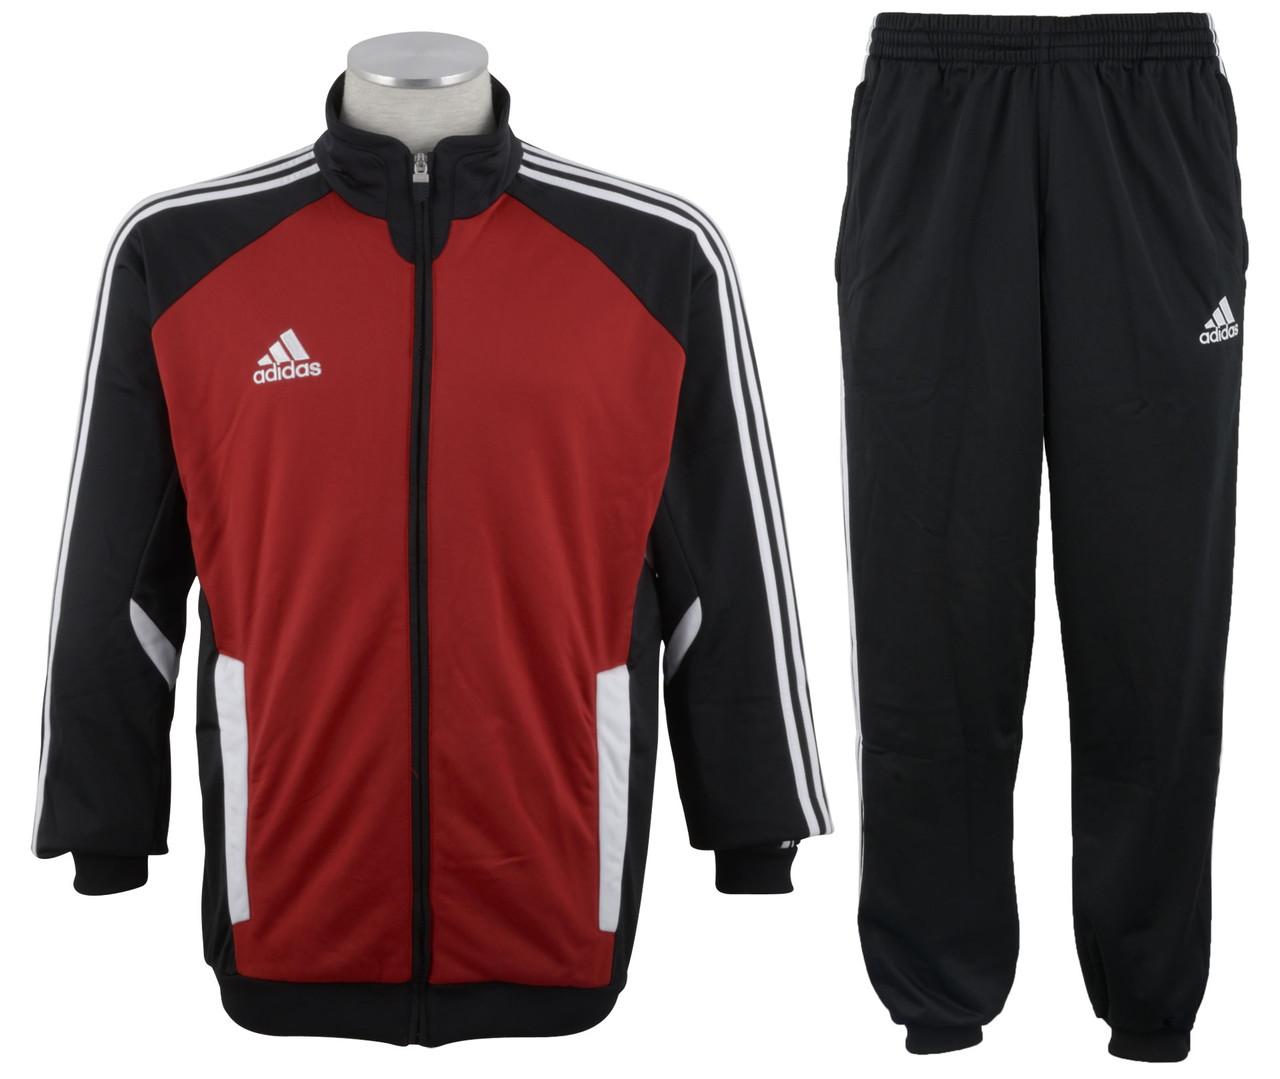 Костюм спортивный, мужской, тренировочный, футбольный adidas TIRO 11 PES SUIT O07741 адидас